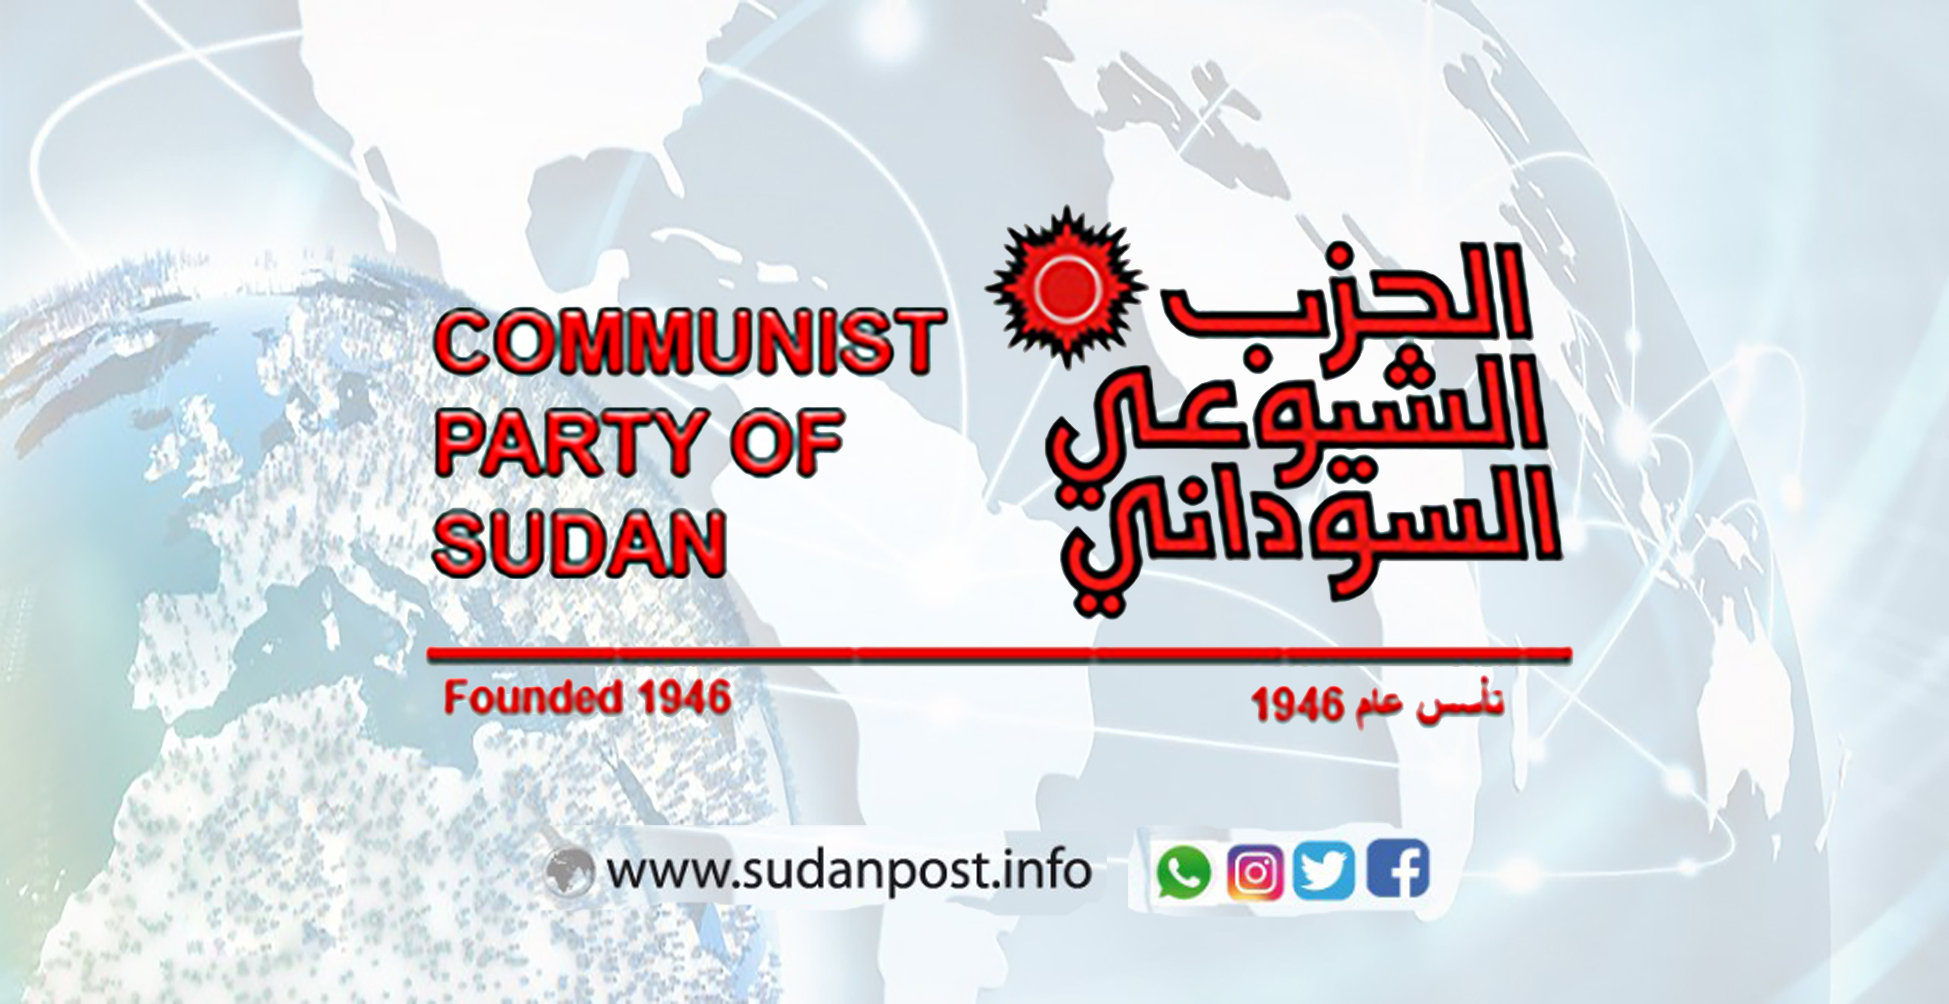 الشيوعي:إتفاقية جوبا للسلام مهدد حقيقي لوحدة ومستقبل السودان